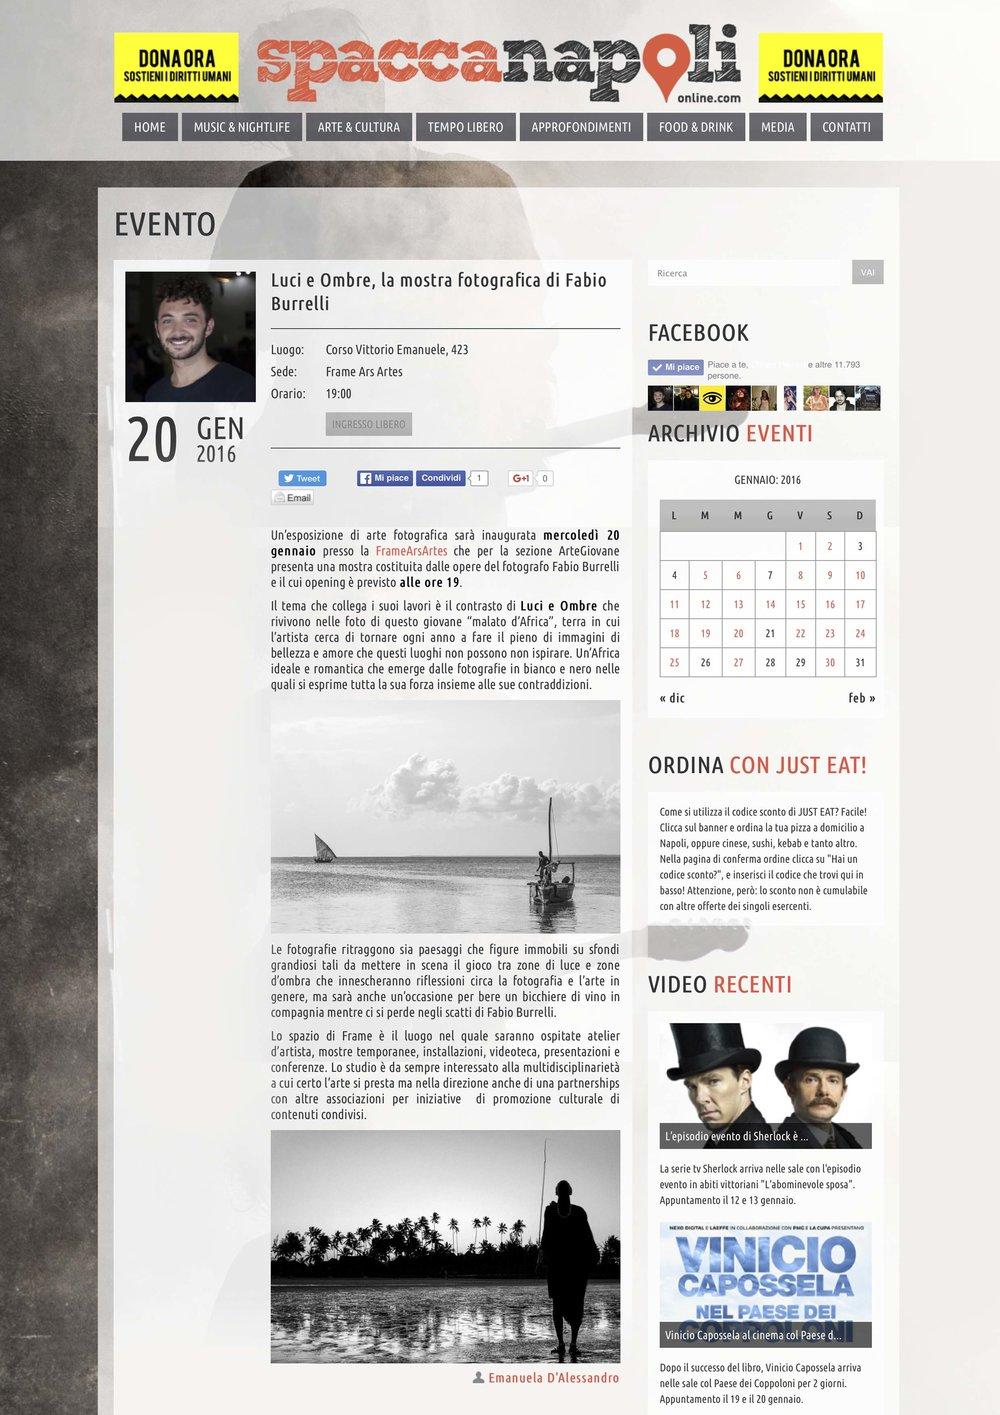 Luci e ombre   http://www.spaccanapolionline.com/event/luci_ombre_mostra_fotografica_fabio_burrelli/